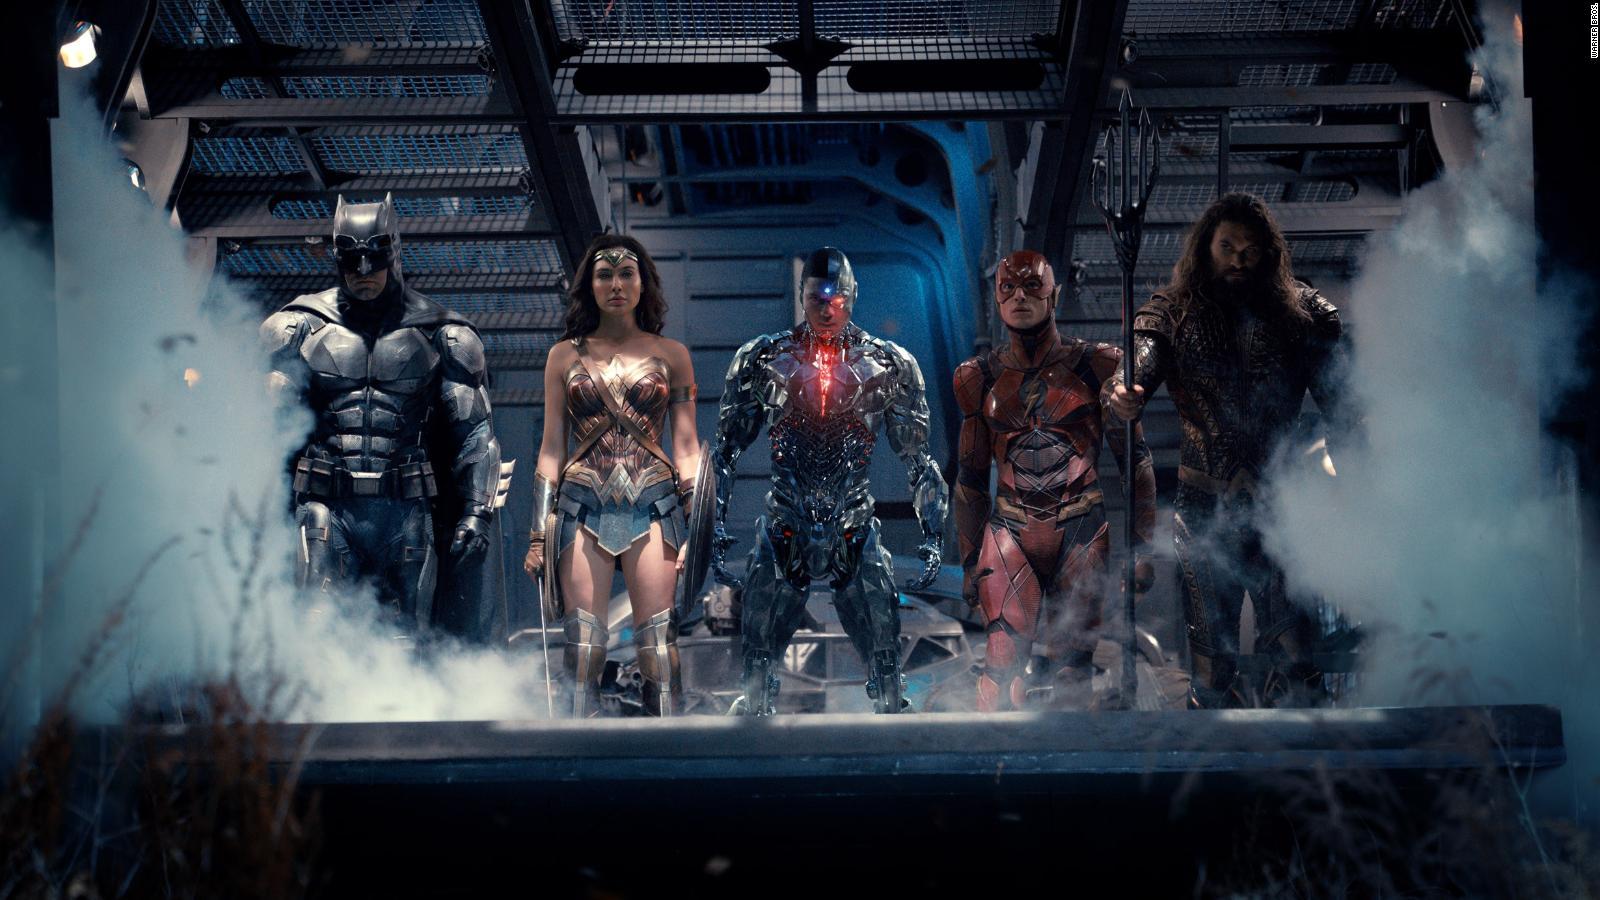 El tráiler de Justice League Snyder Cut ya está aquí